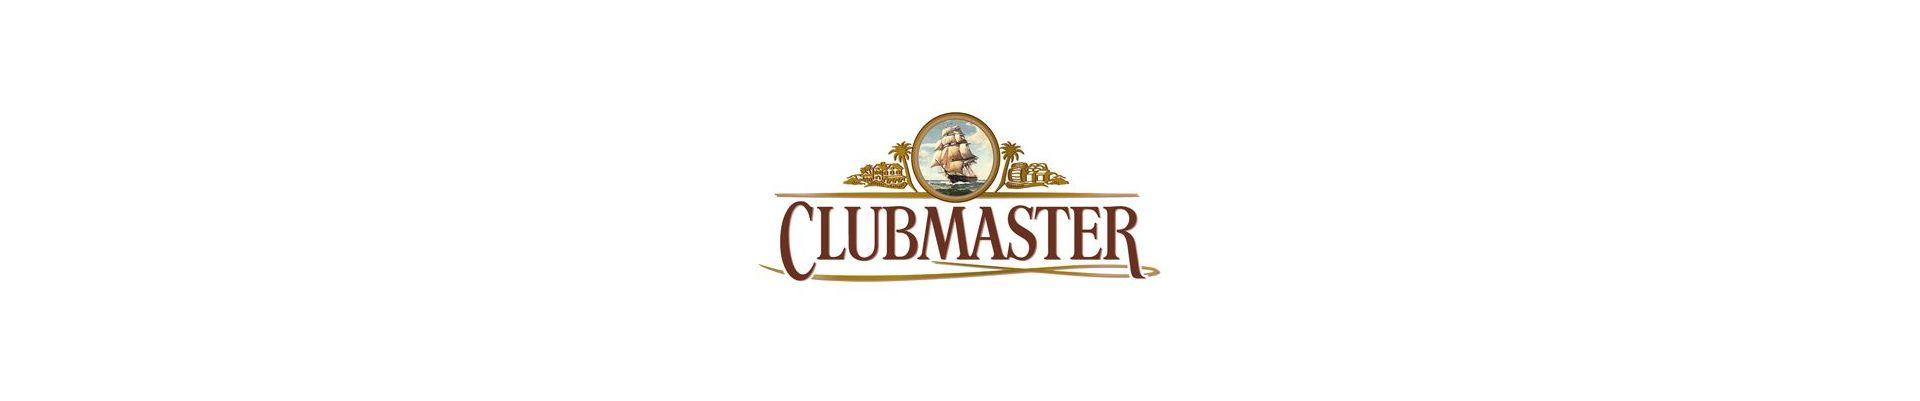 Tigari de foi Clubmaster pret tigari de foi CLubmaster.Clubmaster ieftine.